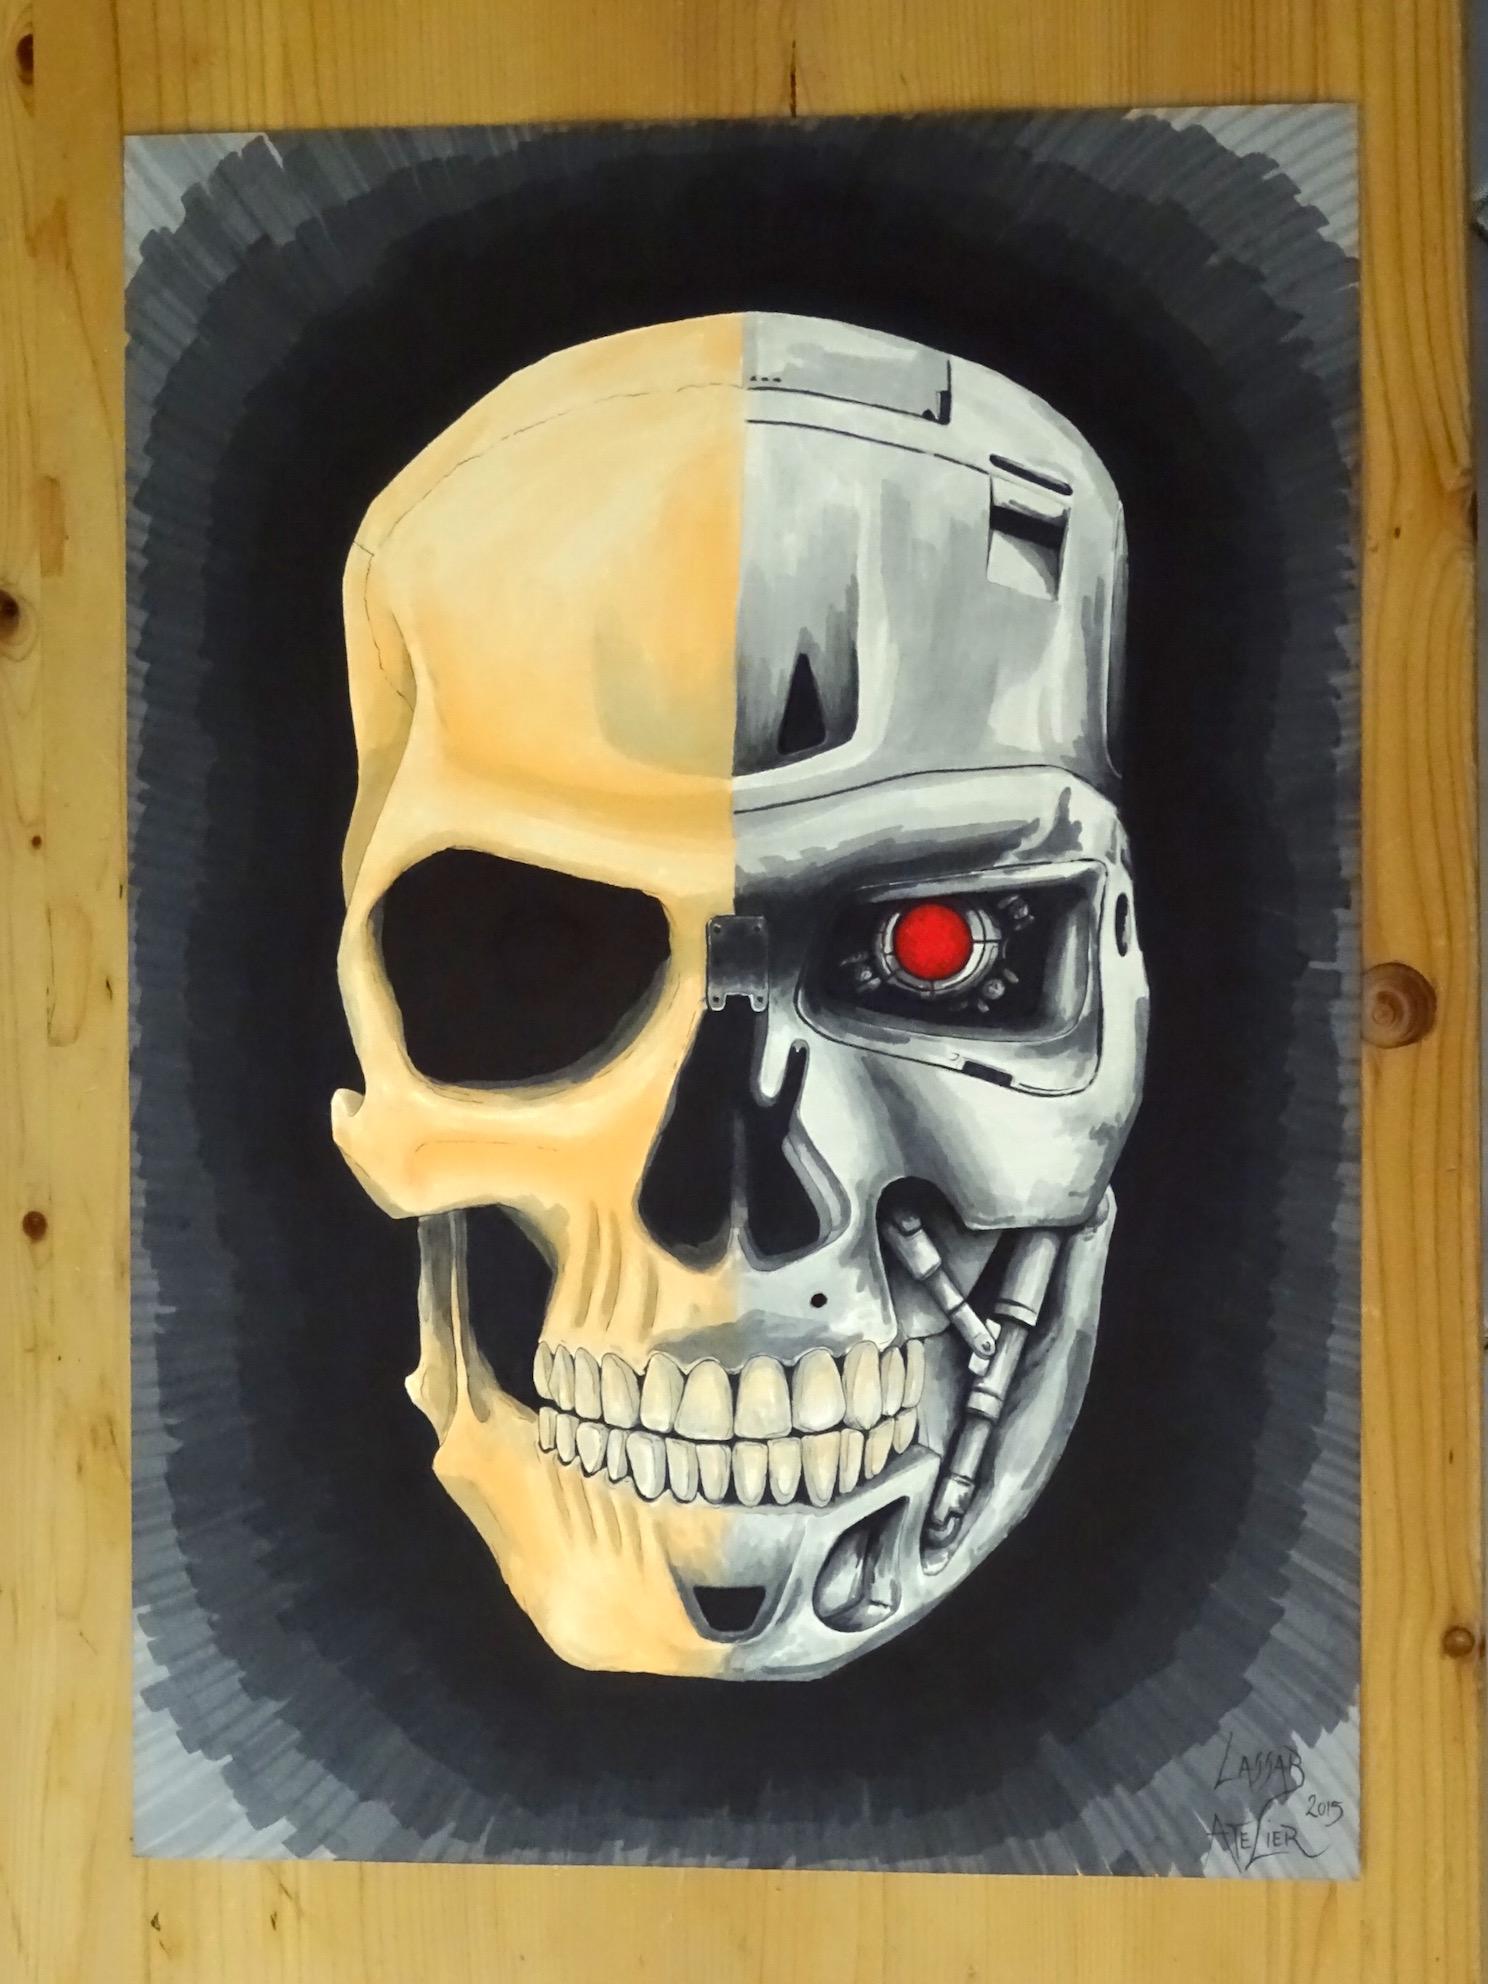 Skull/Terminator